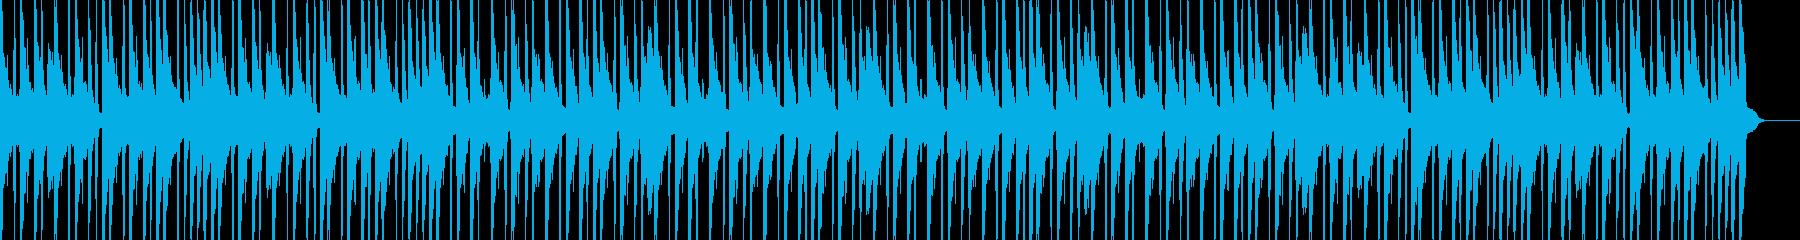 【ヒップホップ】哀愁あるLoFiサウンドの再生済みの波形